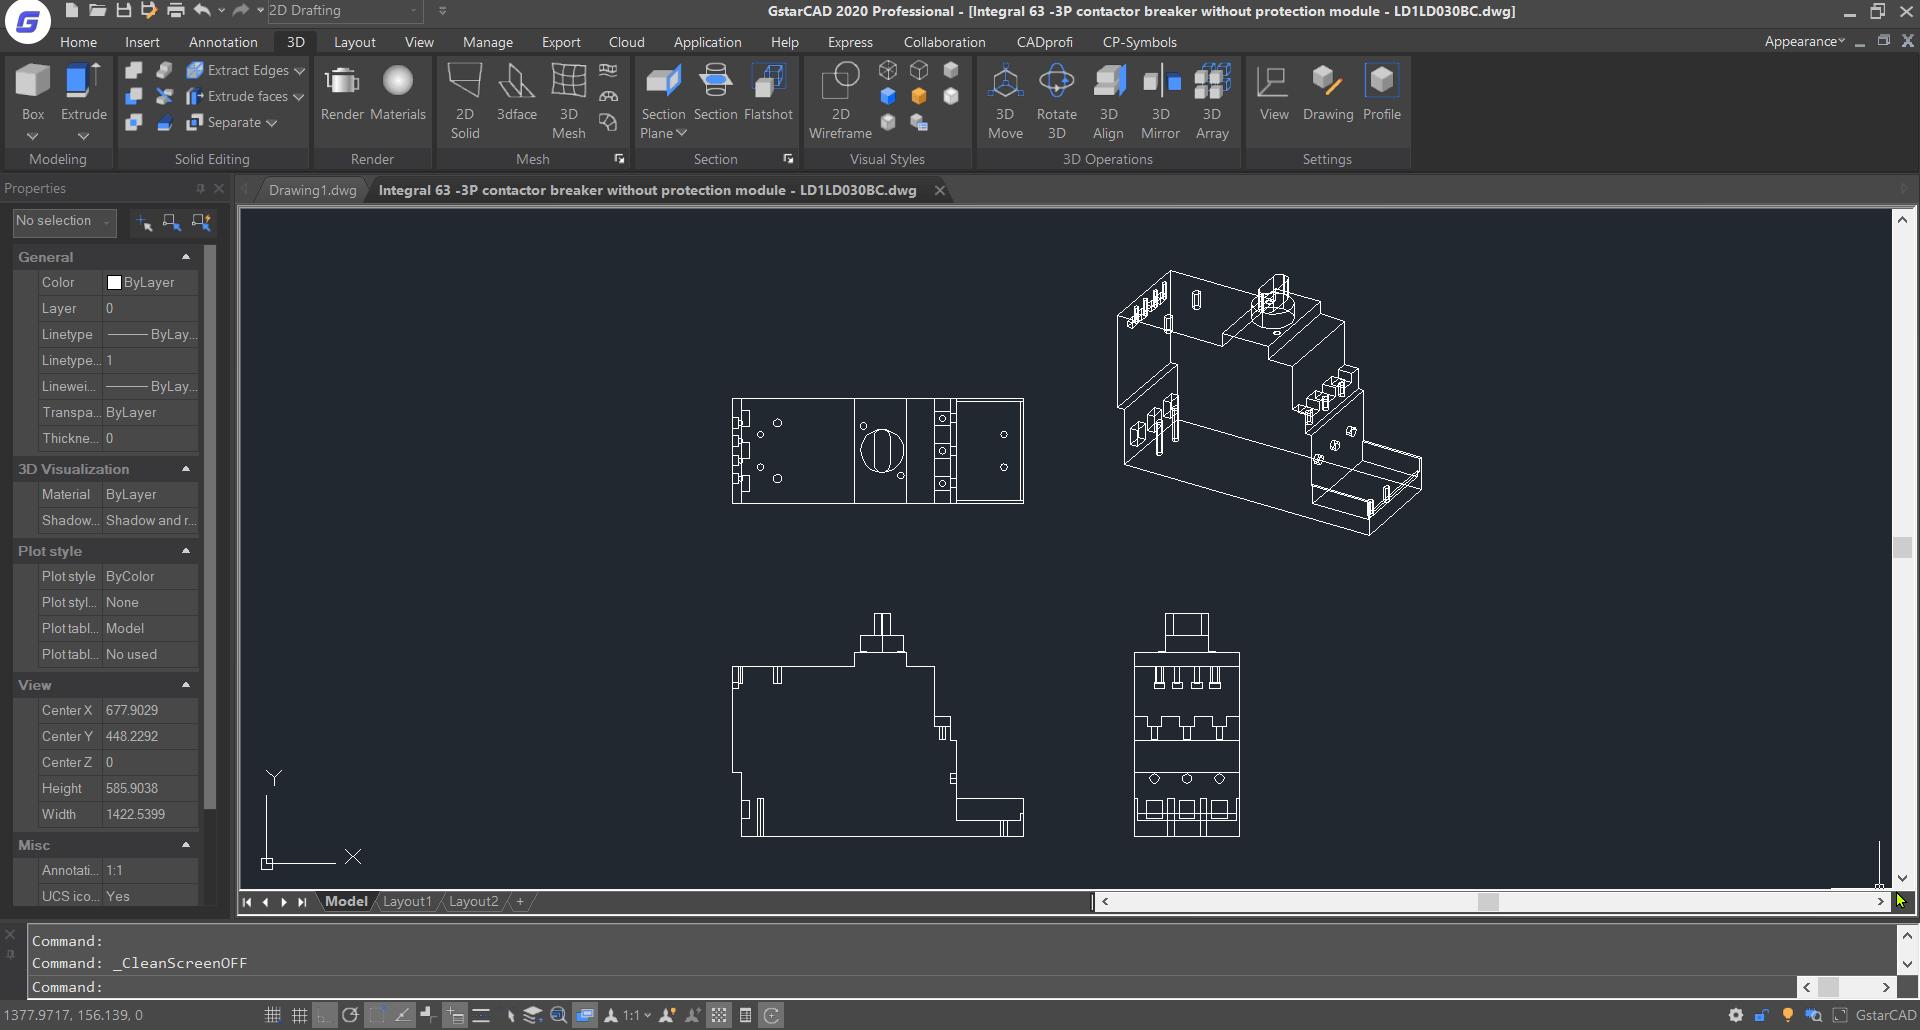 สร้าง Dynamic Block AutoCAD & GstarCAD : สร้างวัตถุที่ต้องการสร้างเป็น Dynamic Block ทุกๆ มุมมอง